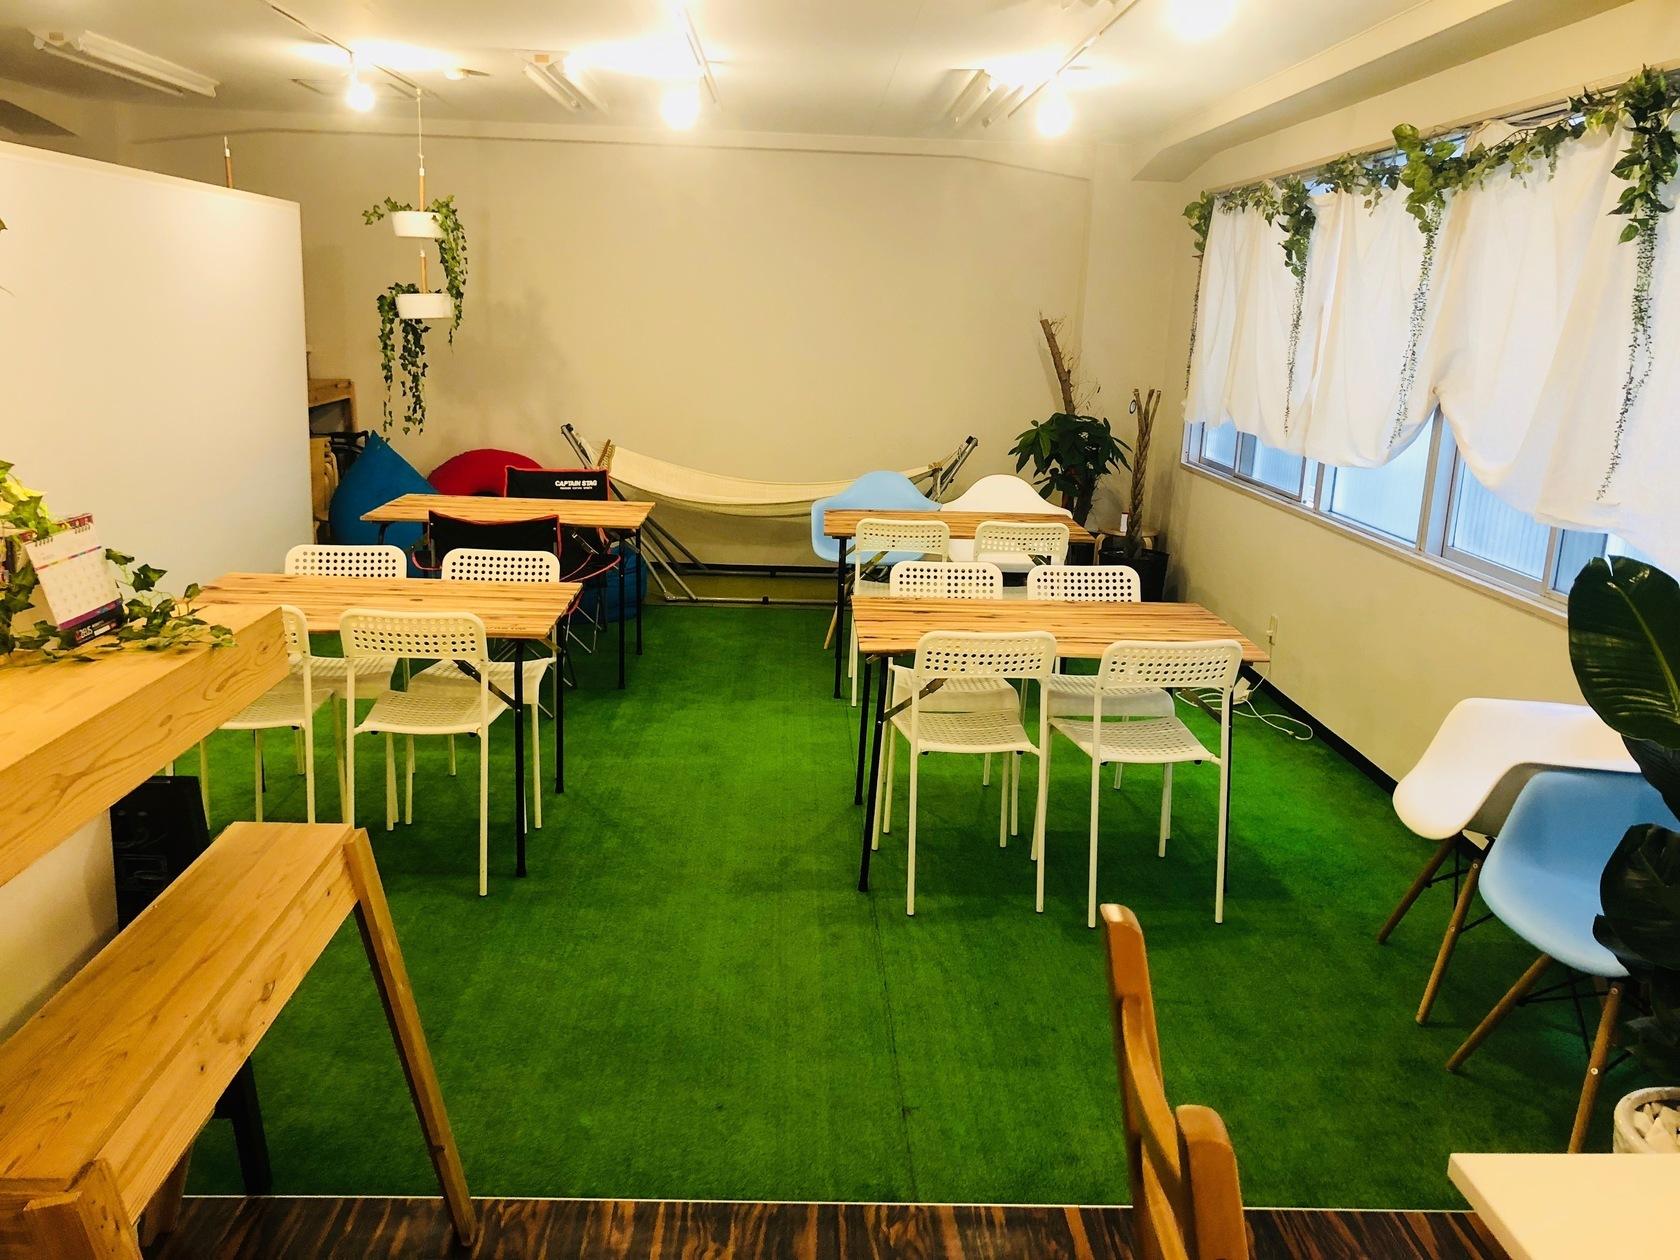 【天満駅・扇町駅すぐ】コワーキングスペースの中にあるカフェの様な癒しのイベントスペース、ケータリングも可能 のカバー写真